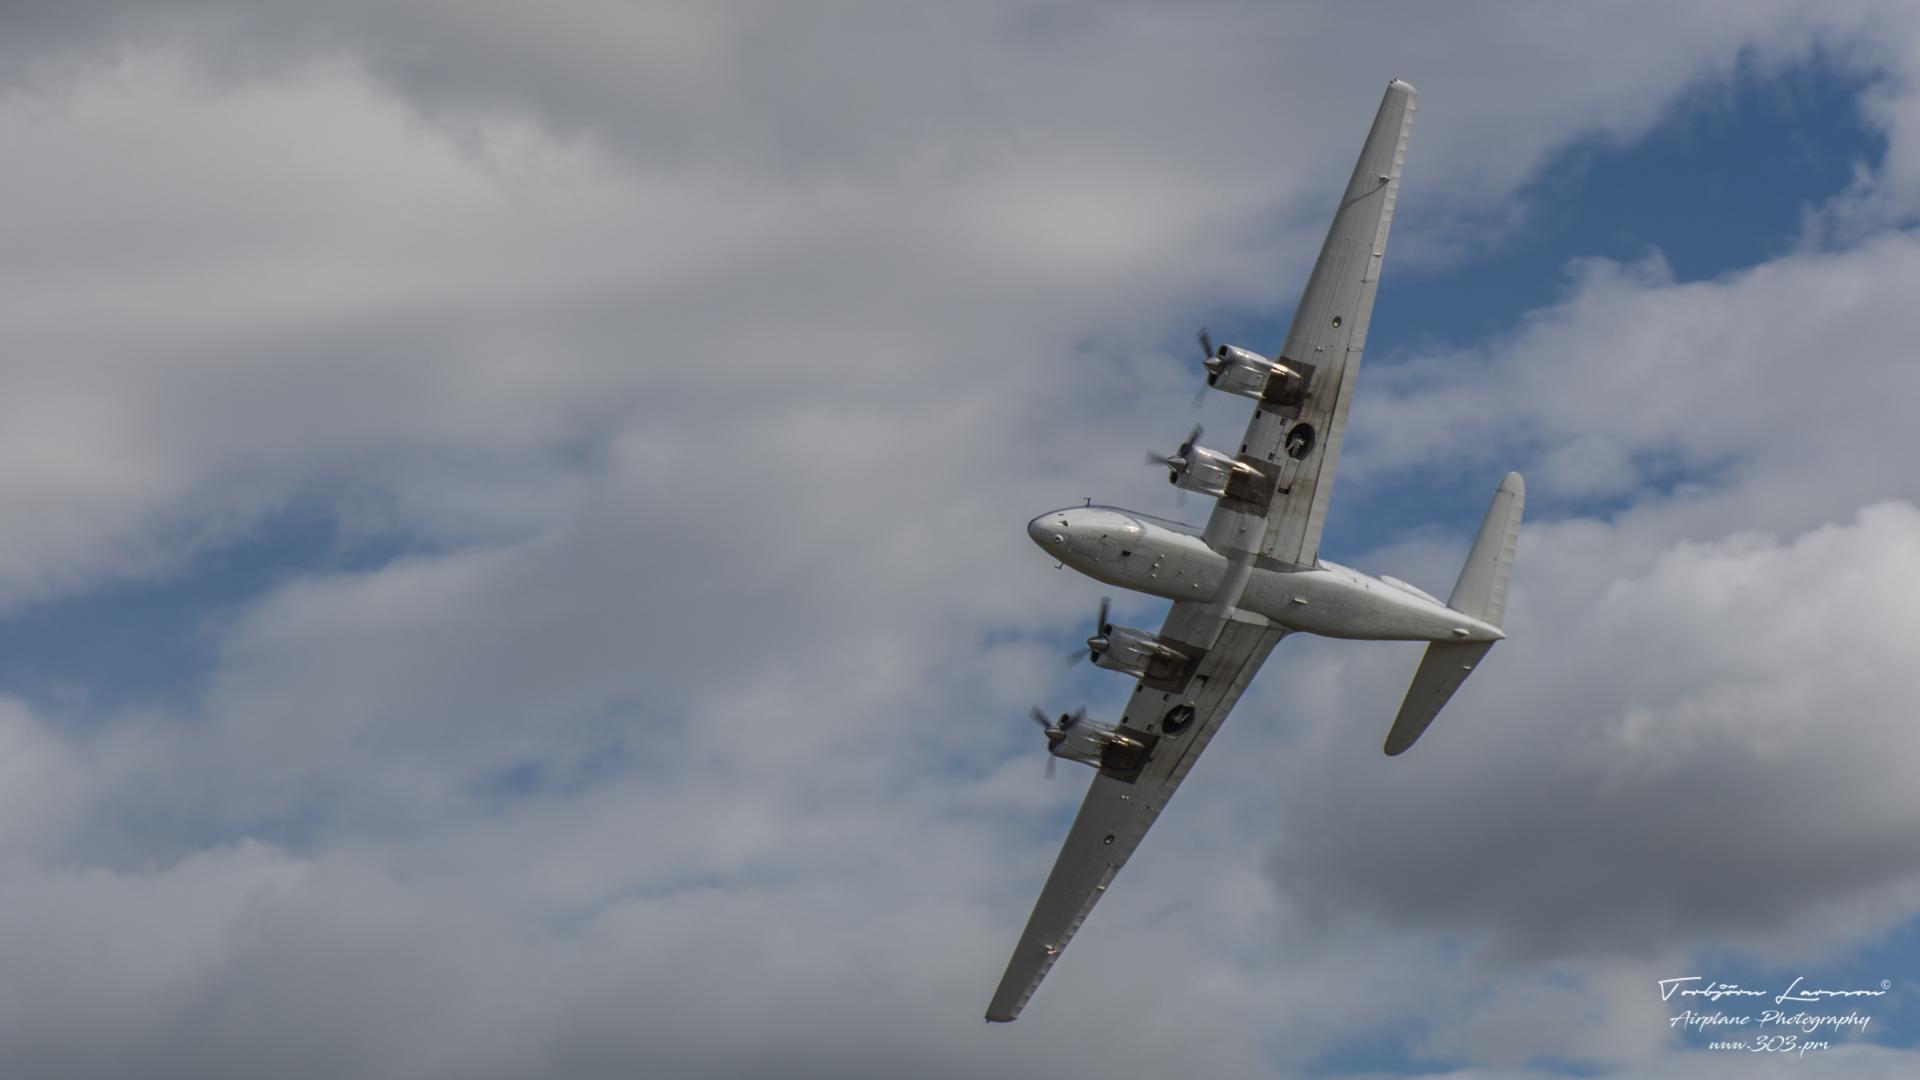 ACE_5764-de Havilland DH 114 Heron